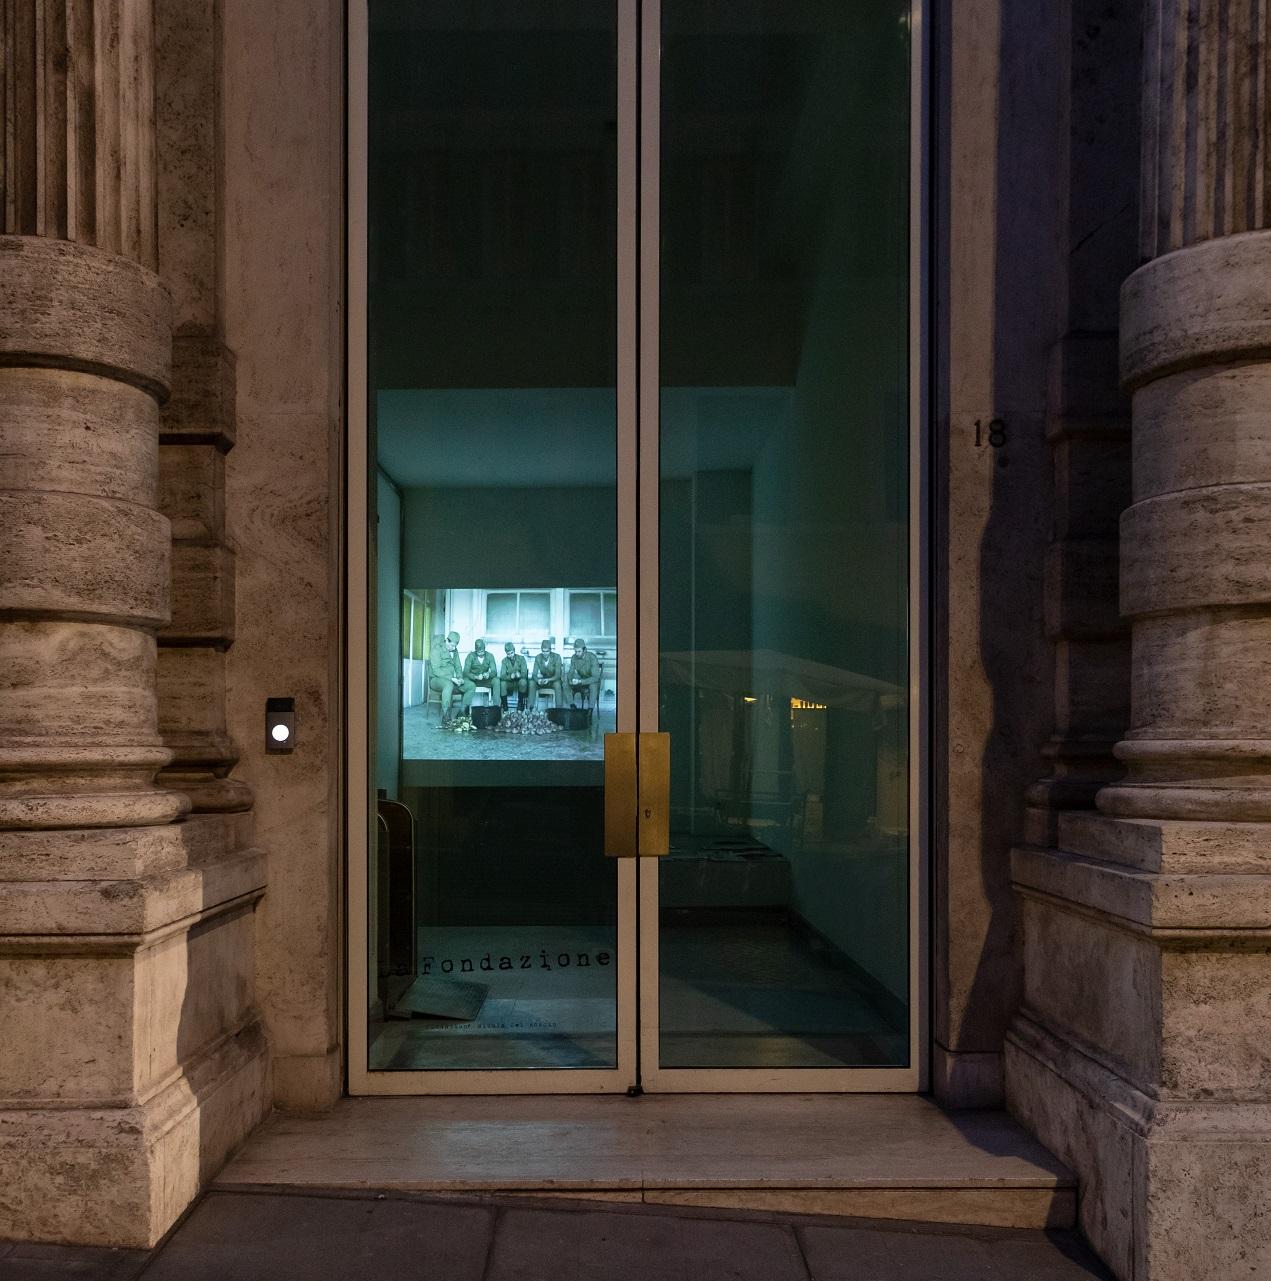 La Fondazione | #80 | #90 & more